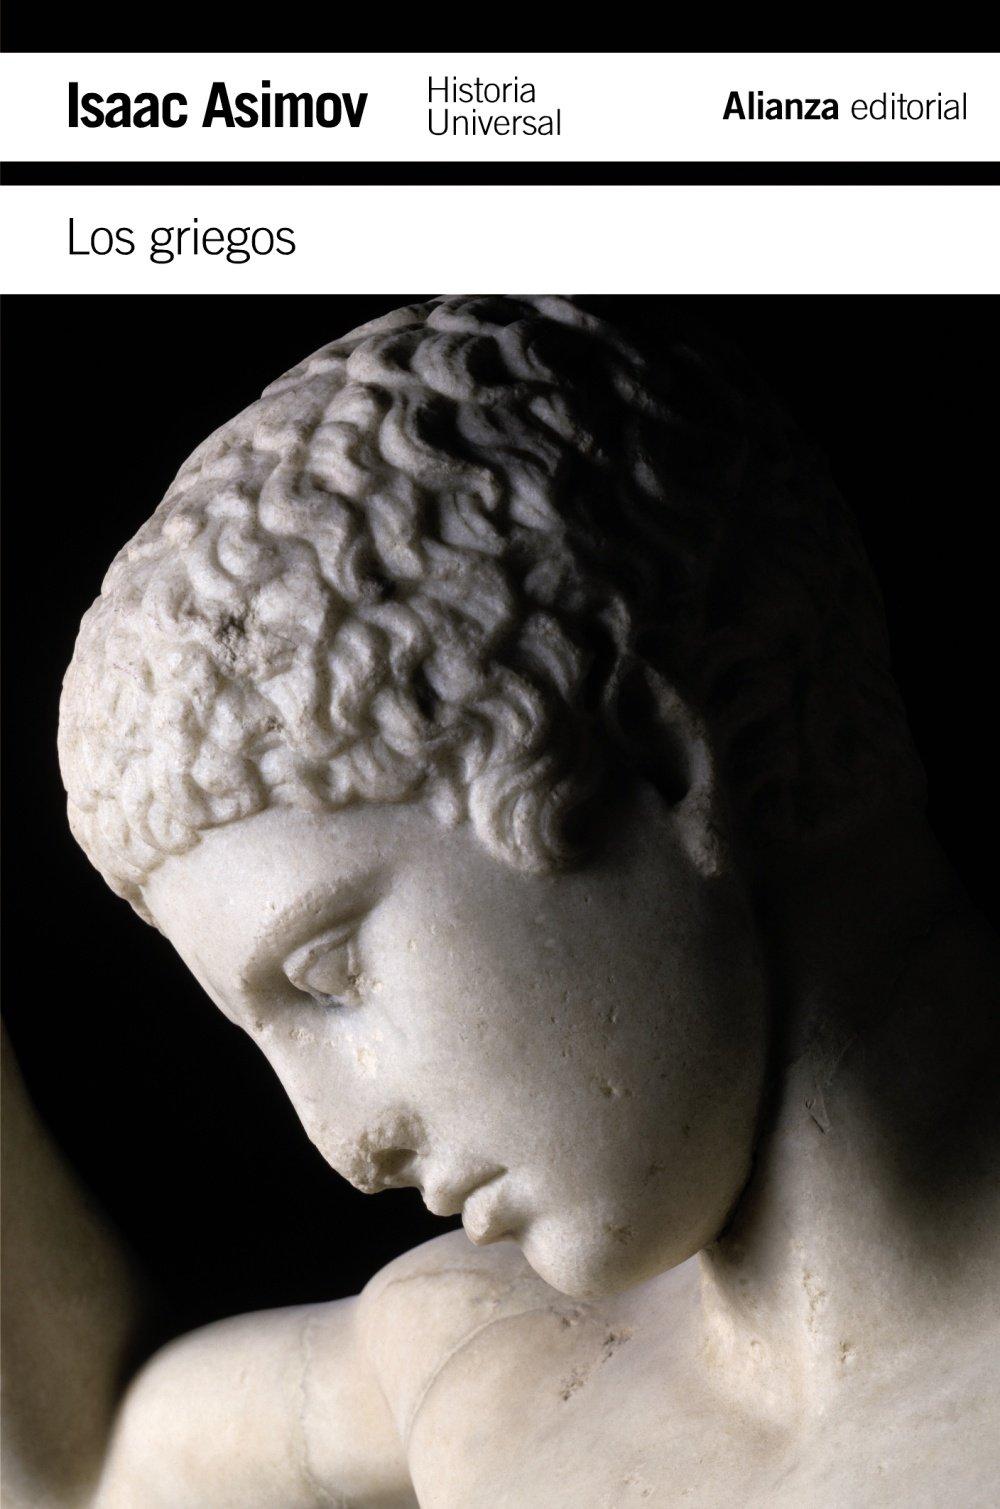 Los griegos: Una gran aventura (El Libro De Bolsillo - Historia) Tapa blanda – 21 mar 2011 Isaac Asimov Néstor Míguez Barrera Alianza 8420651311